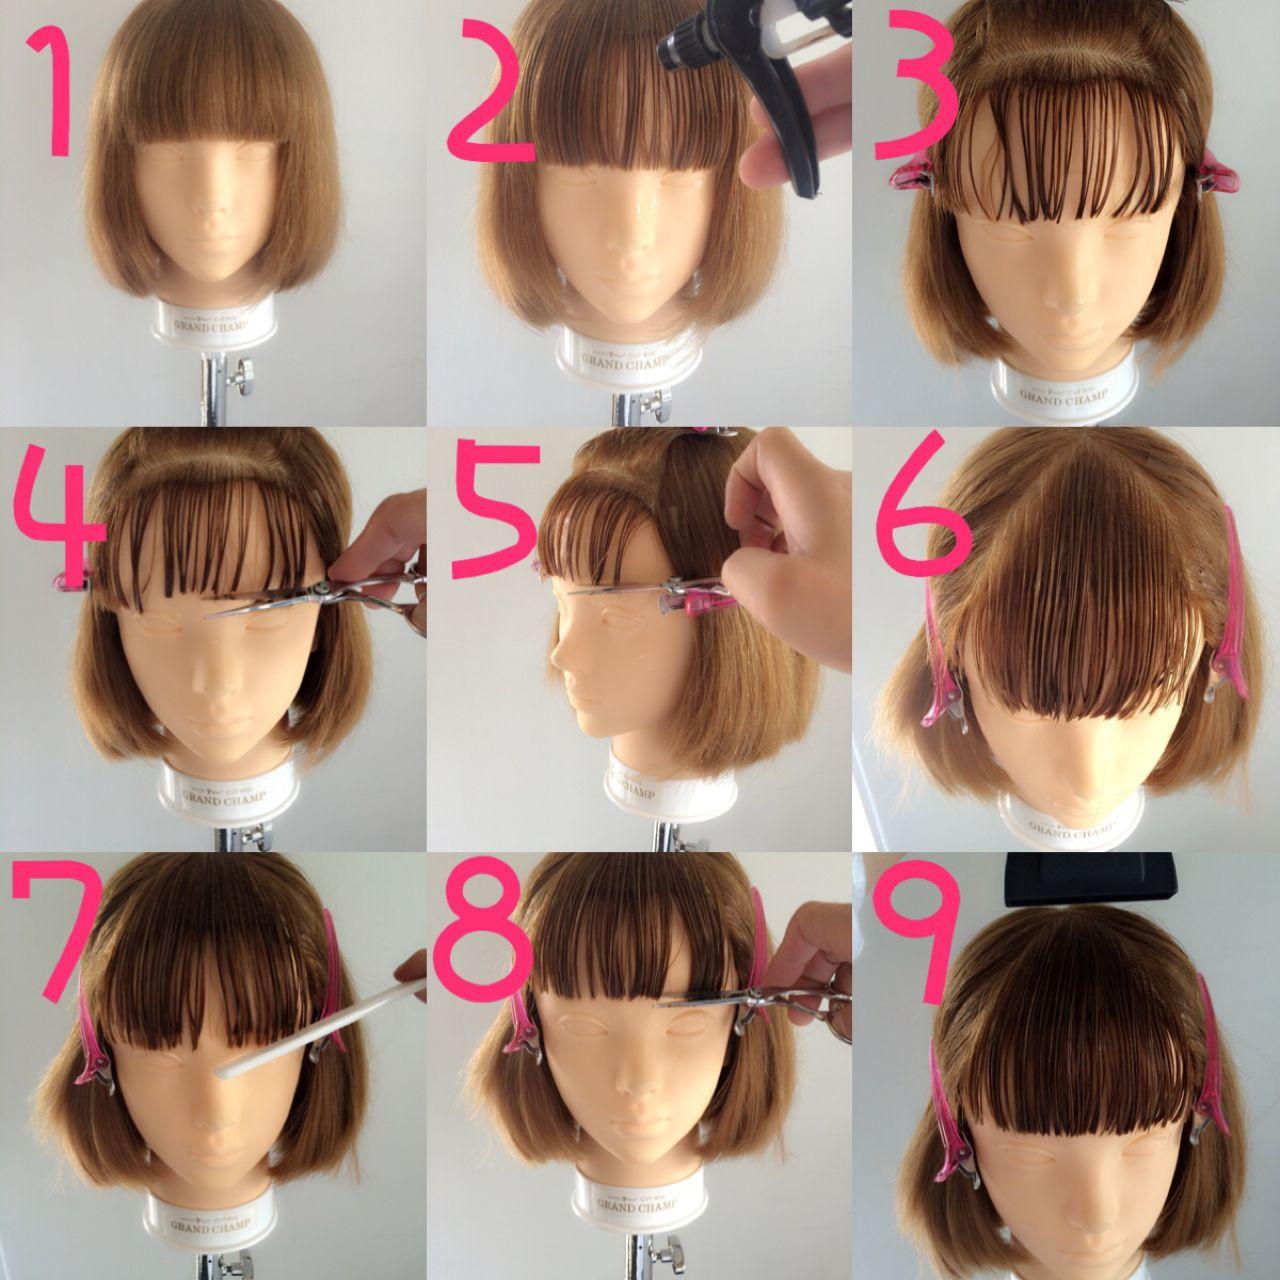 モテ髪 モード オン眉 ストリート ヘアスタイルや髪型の写真・画像 | Nobu / ALBUM